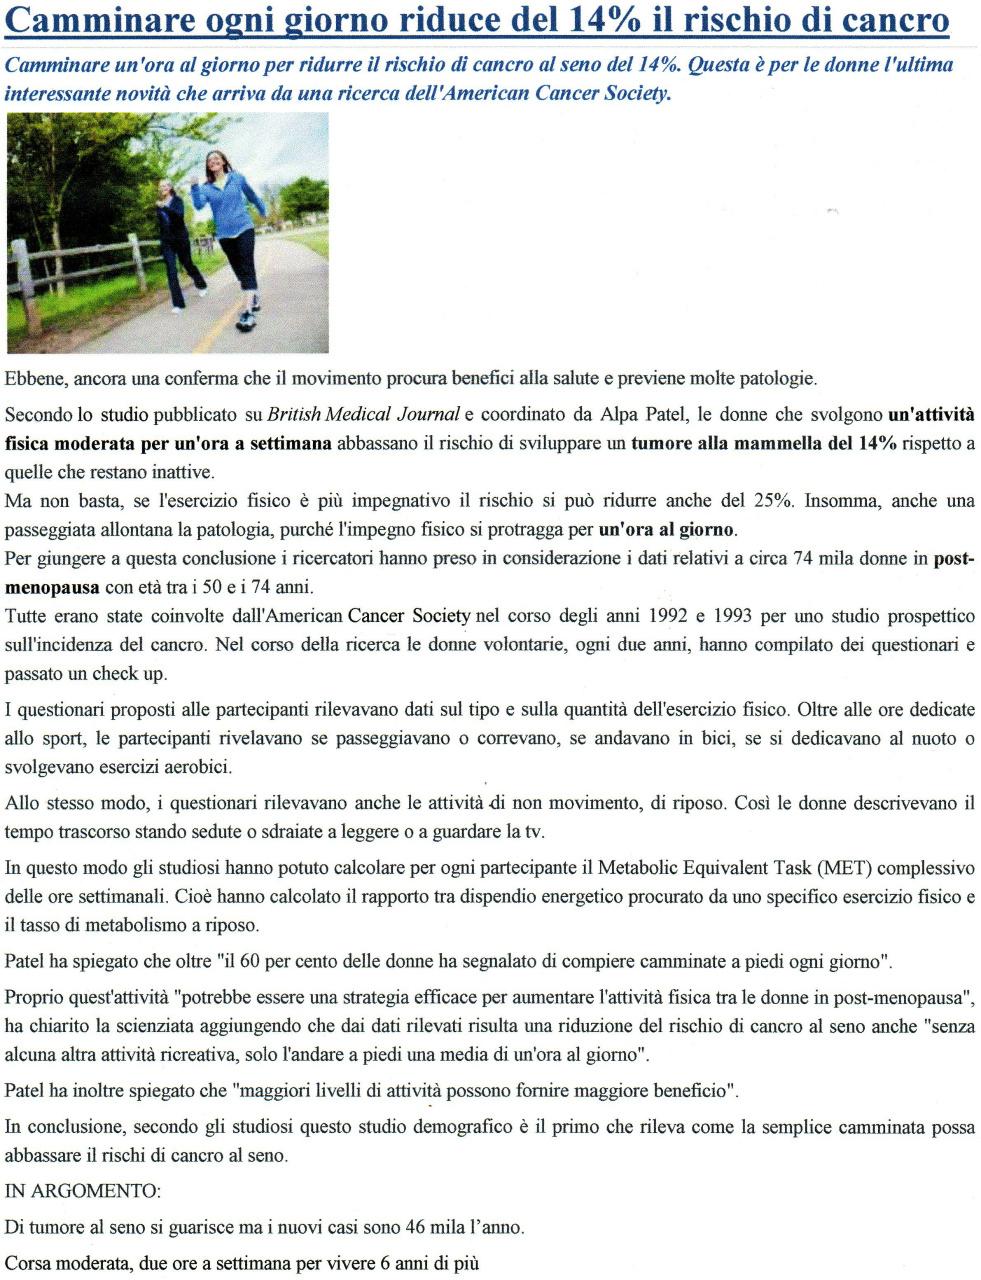 Camminare ogni giorno riduce del 14% il rischio di cancro